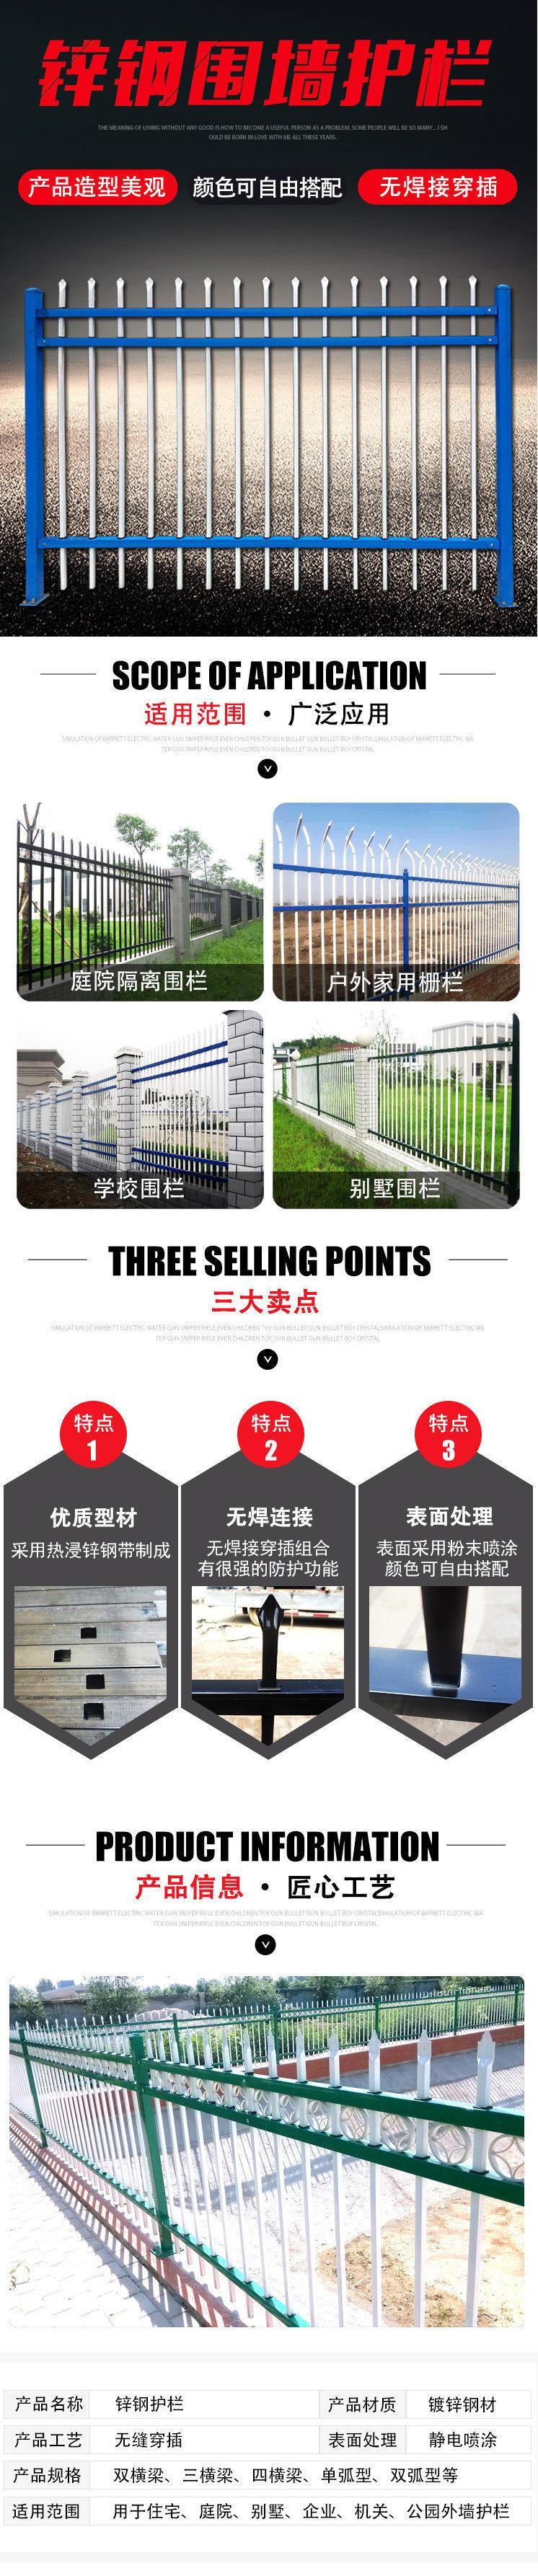 帅金公司 锌钢护栏,锌钢护栏网,锌钢围栏网,锌钢阳台护栏,围墙护栏价格表.jpg